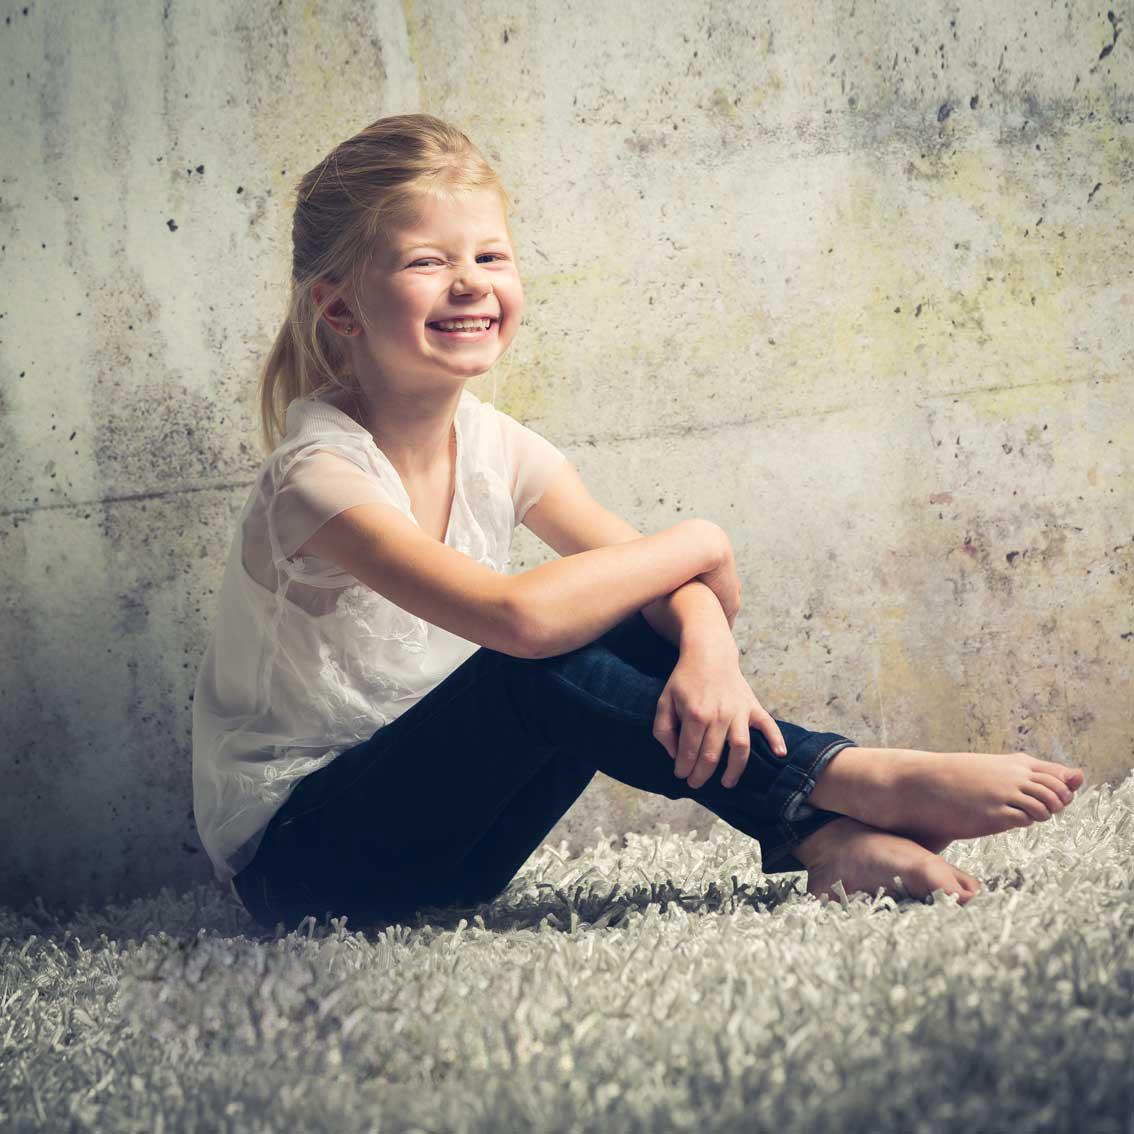 045-kids-kinder-kinderfotos-kinder-shooting-aachen-kinderportrait-kinderbilder-heinsberg-kinderfotografie-dueren-aachen-alsdorf-017